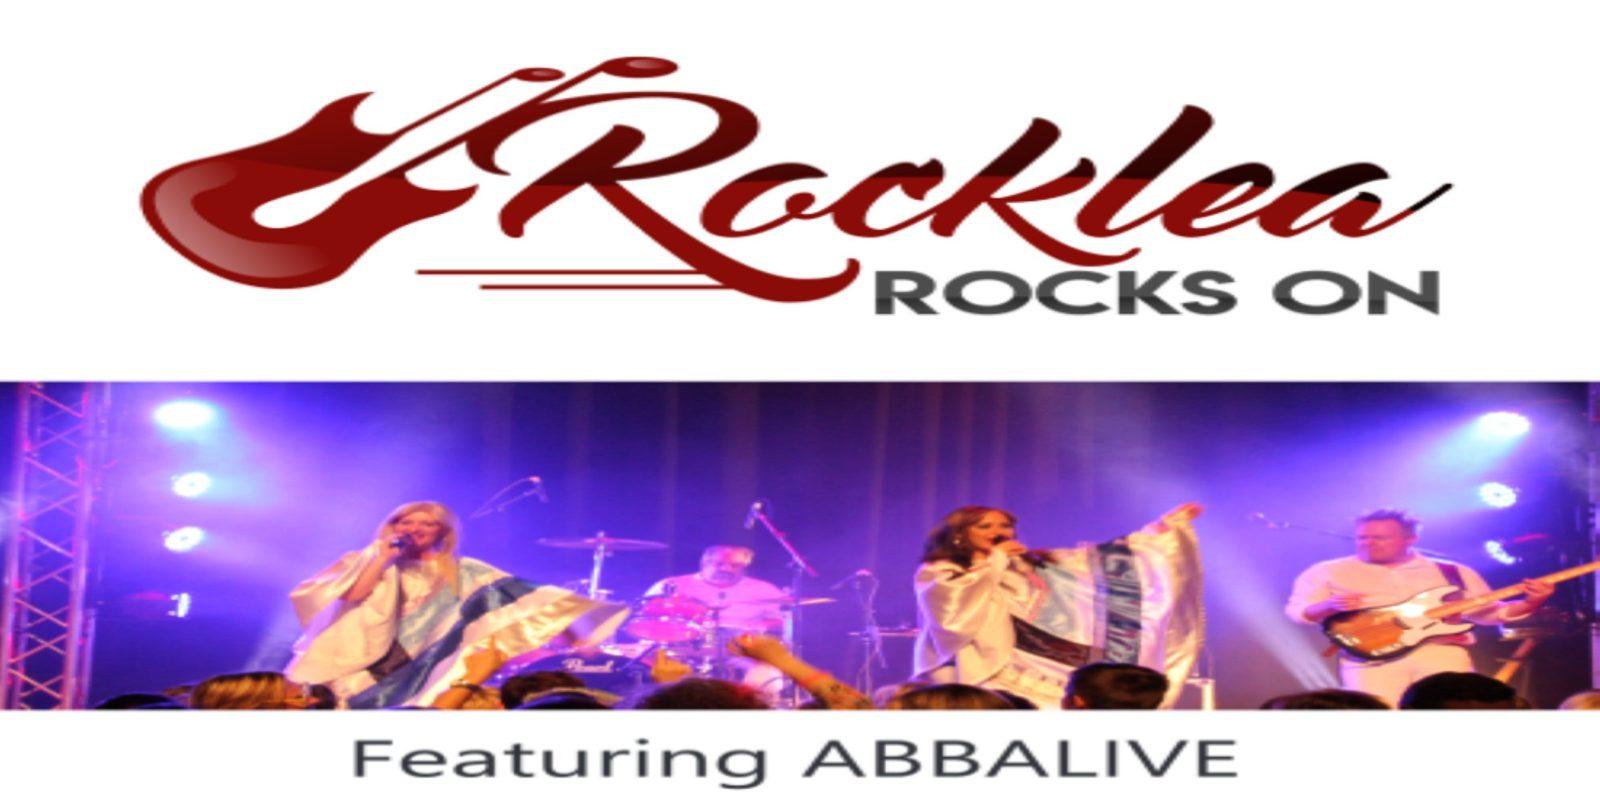 www.rocklearockson.com.au